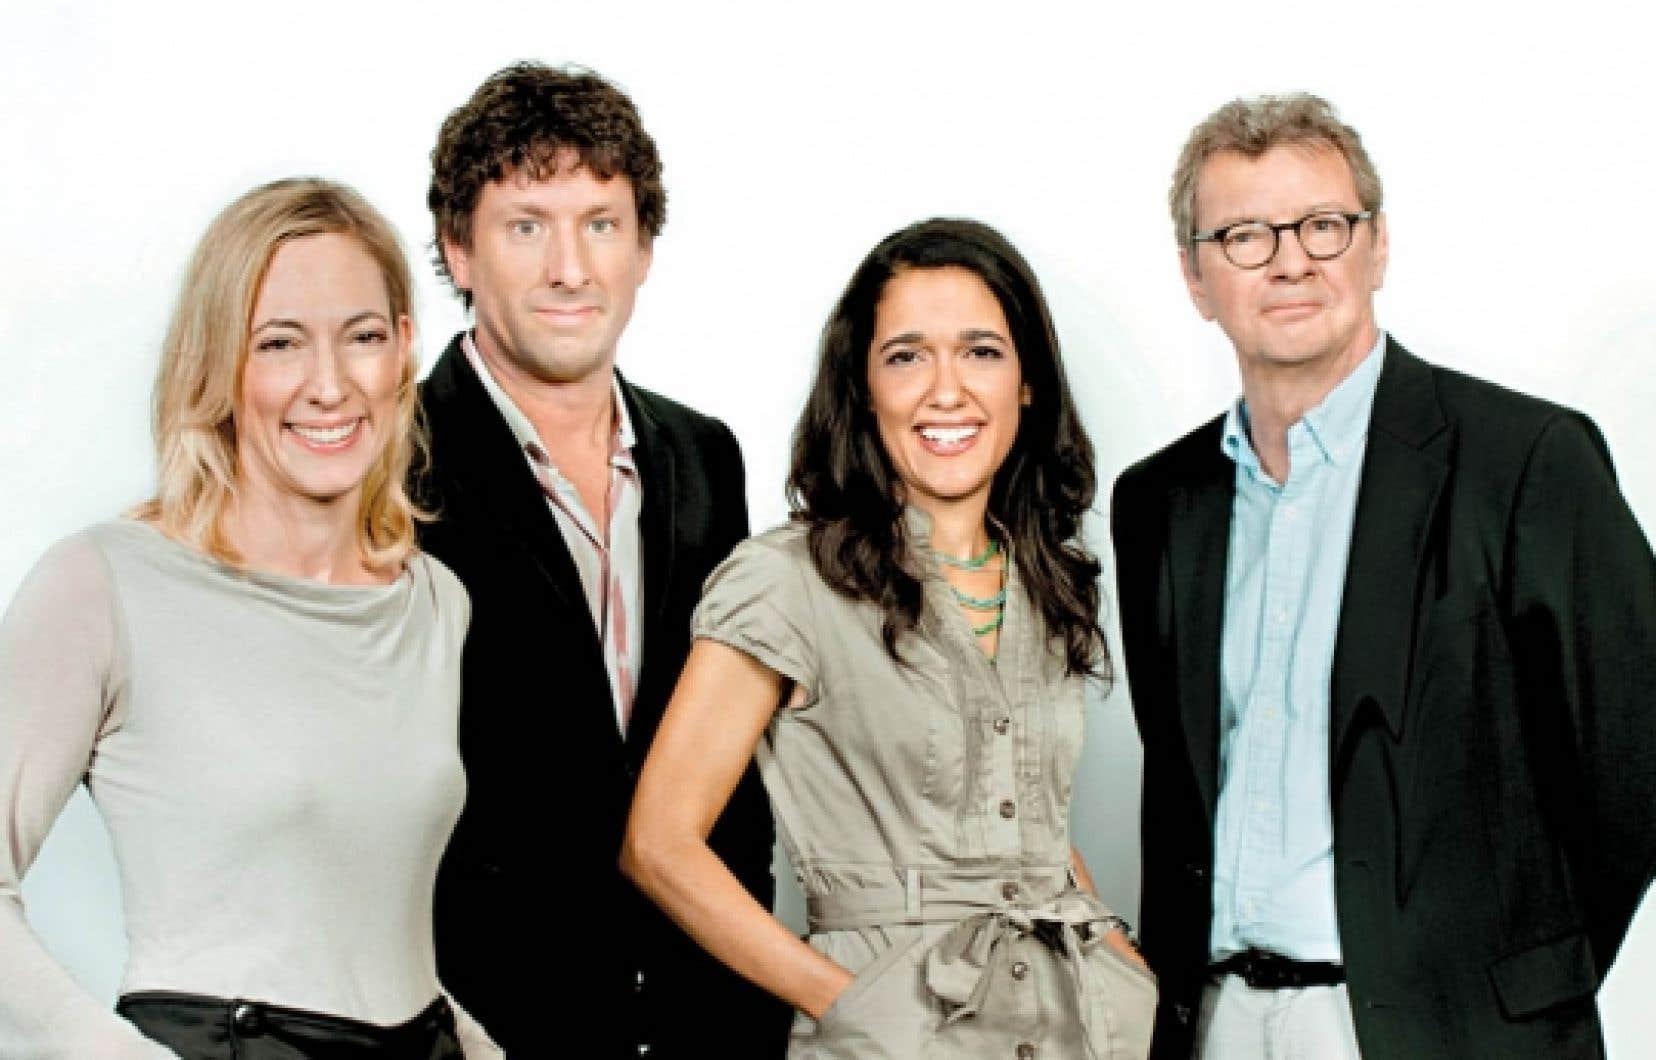 Julie Laferrière, Yves Boisvert, Sophie Fouron et Jacques Bertrand animeront Cliquez, une émission consacrée à Internet.